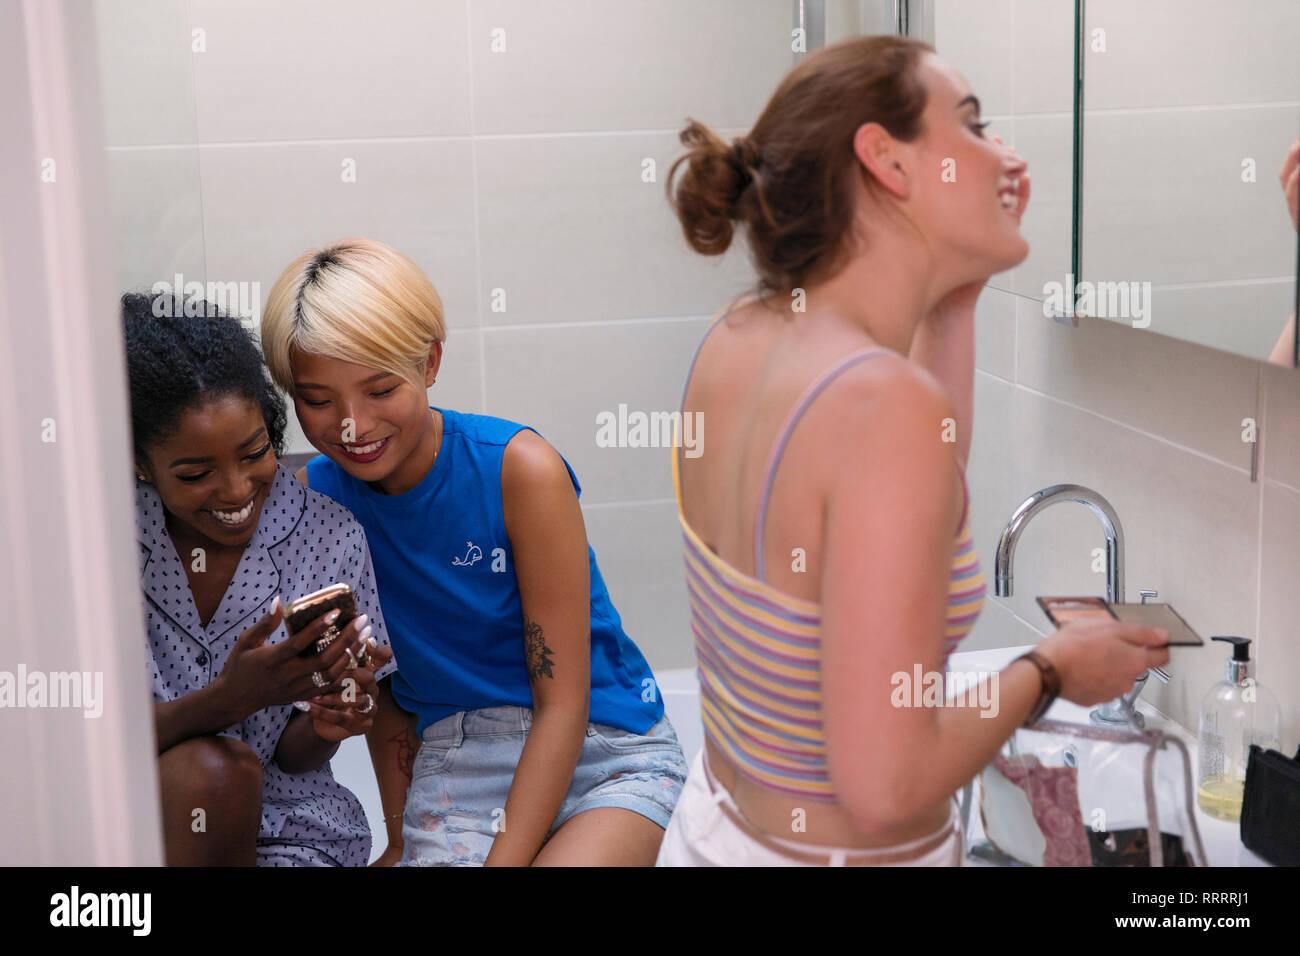 Les jeunes femmes colocataires à l'aide de smart phone et se préparer, appliquant le maquillage dans l'appartement salle de bains Banque D'Images